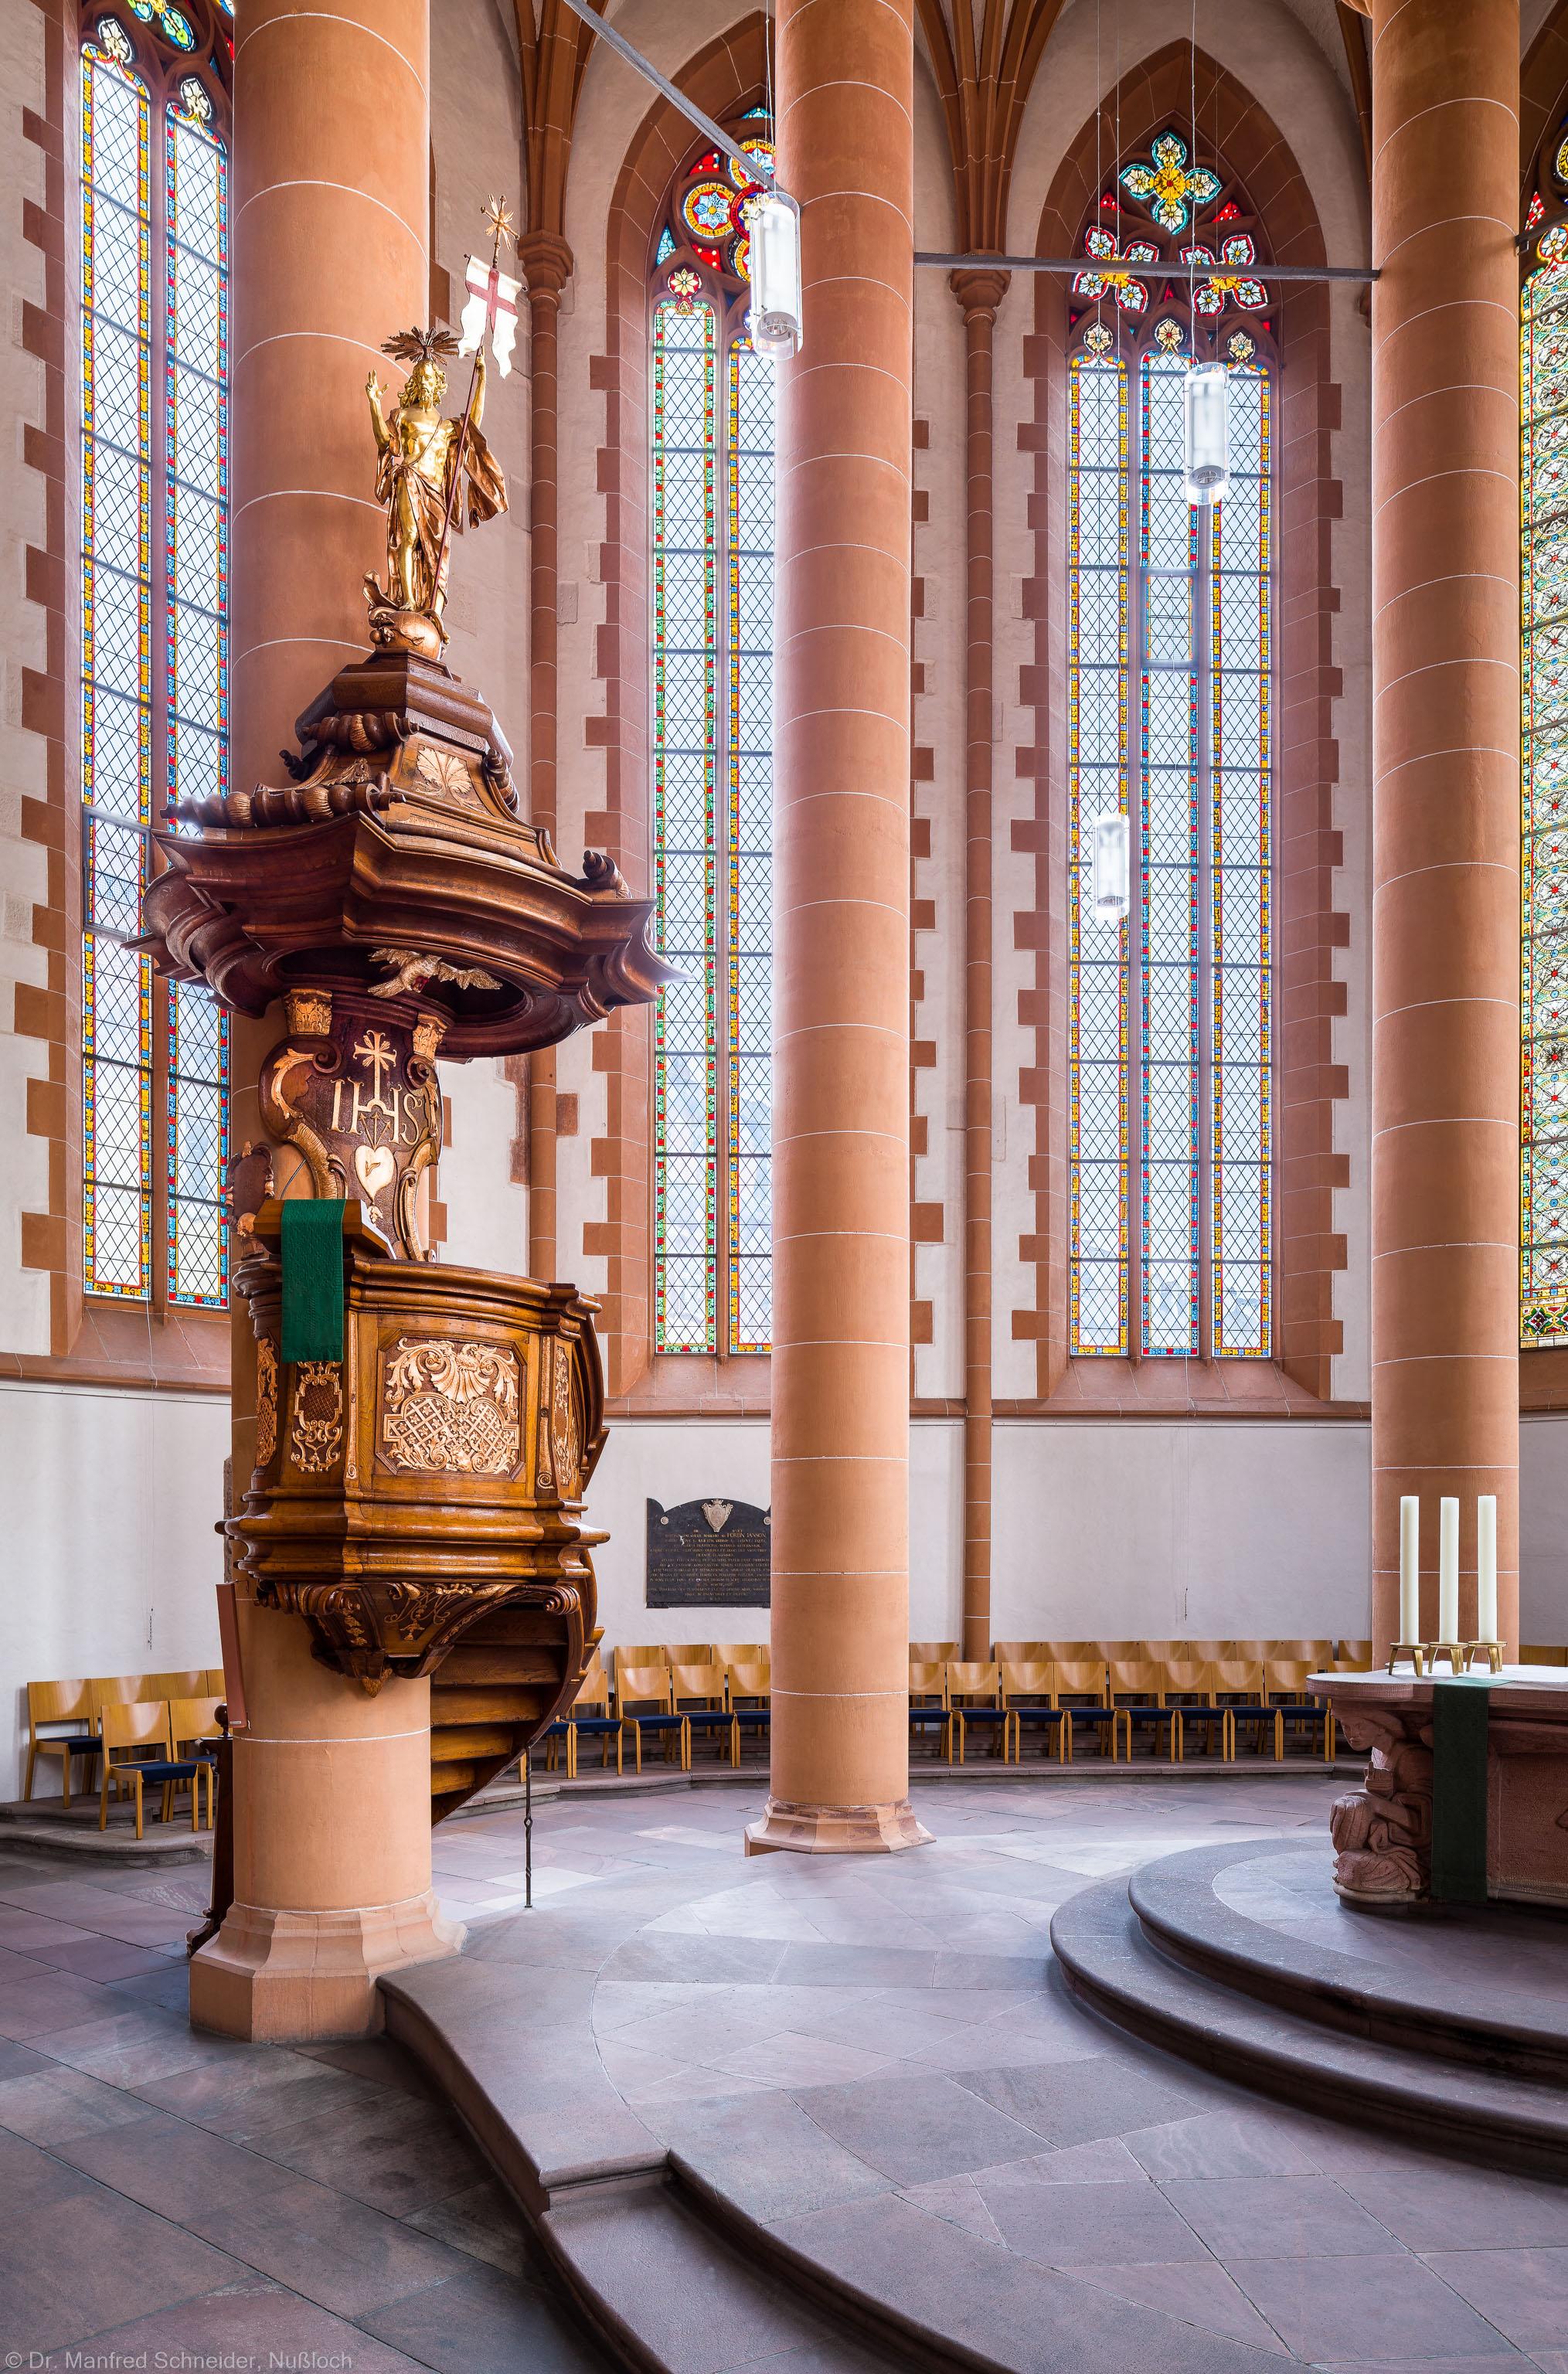 Heidelberg - Heiliggeistkirche - Kanzel - Blick in den Chor und auf die Kanzel(aufgenommen im Februar 2015, am späten Vormittag)